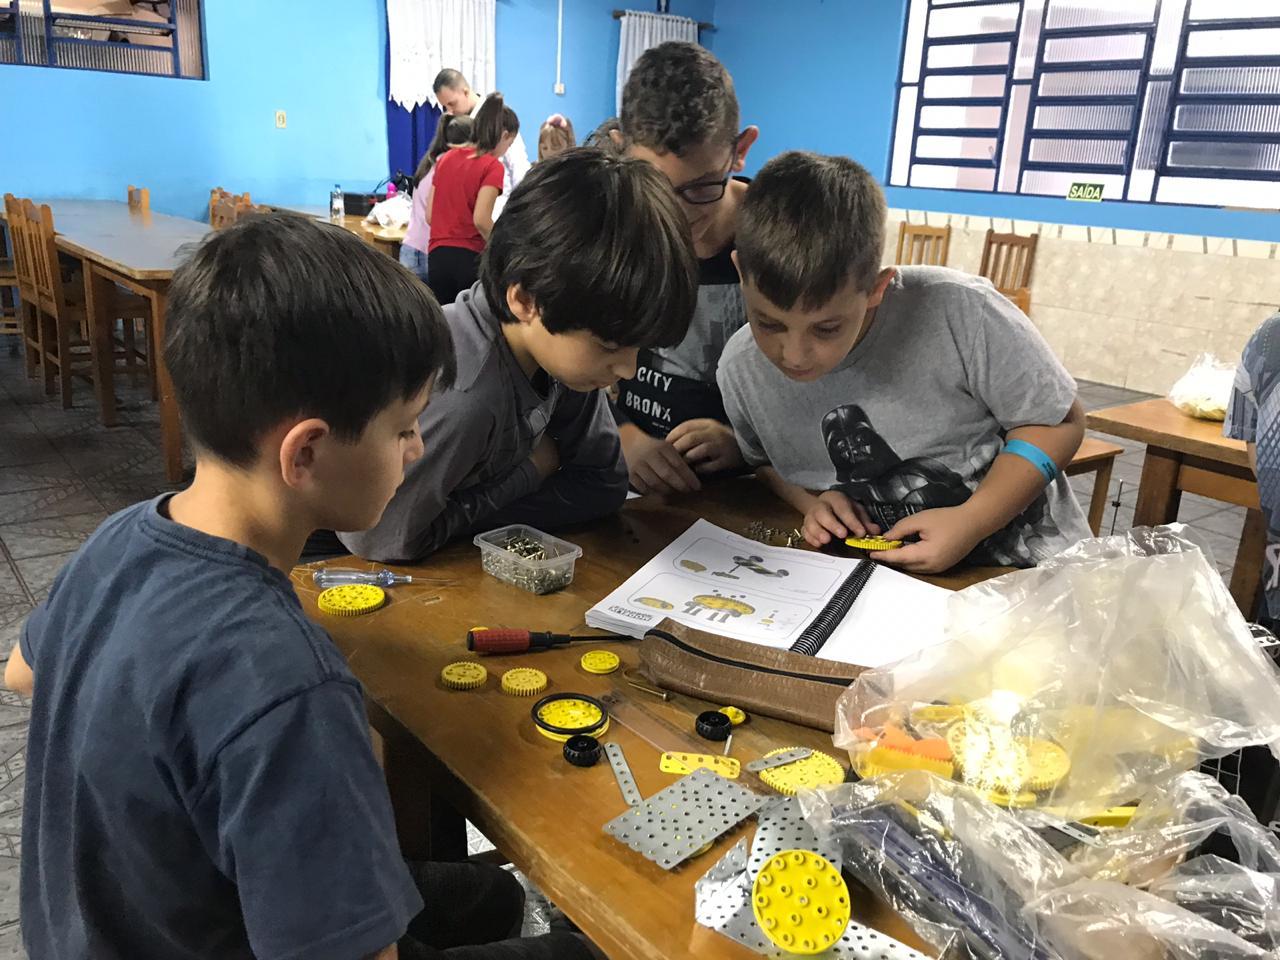 Crianças aprendem sobre matemática, física e lógica em atividades organizadas pelo Núcleo Brasileiro de Robótica.